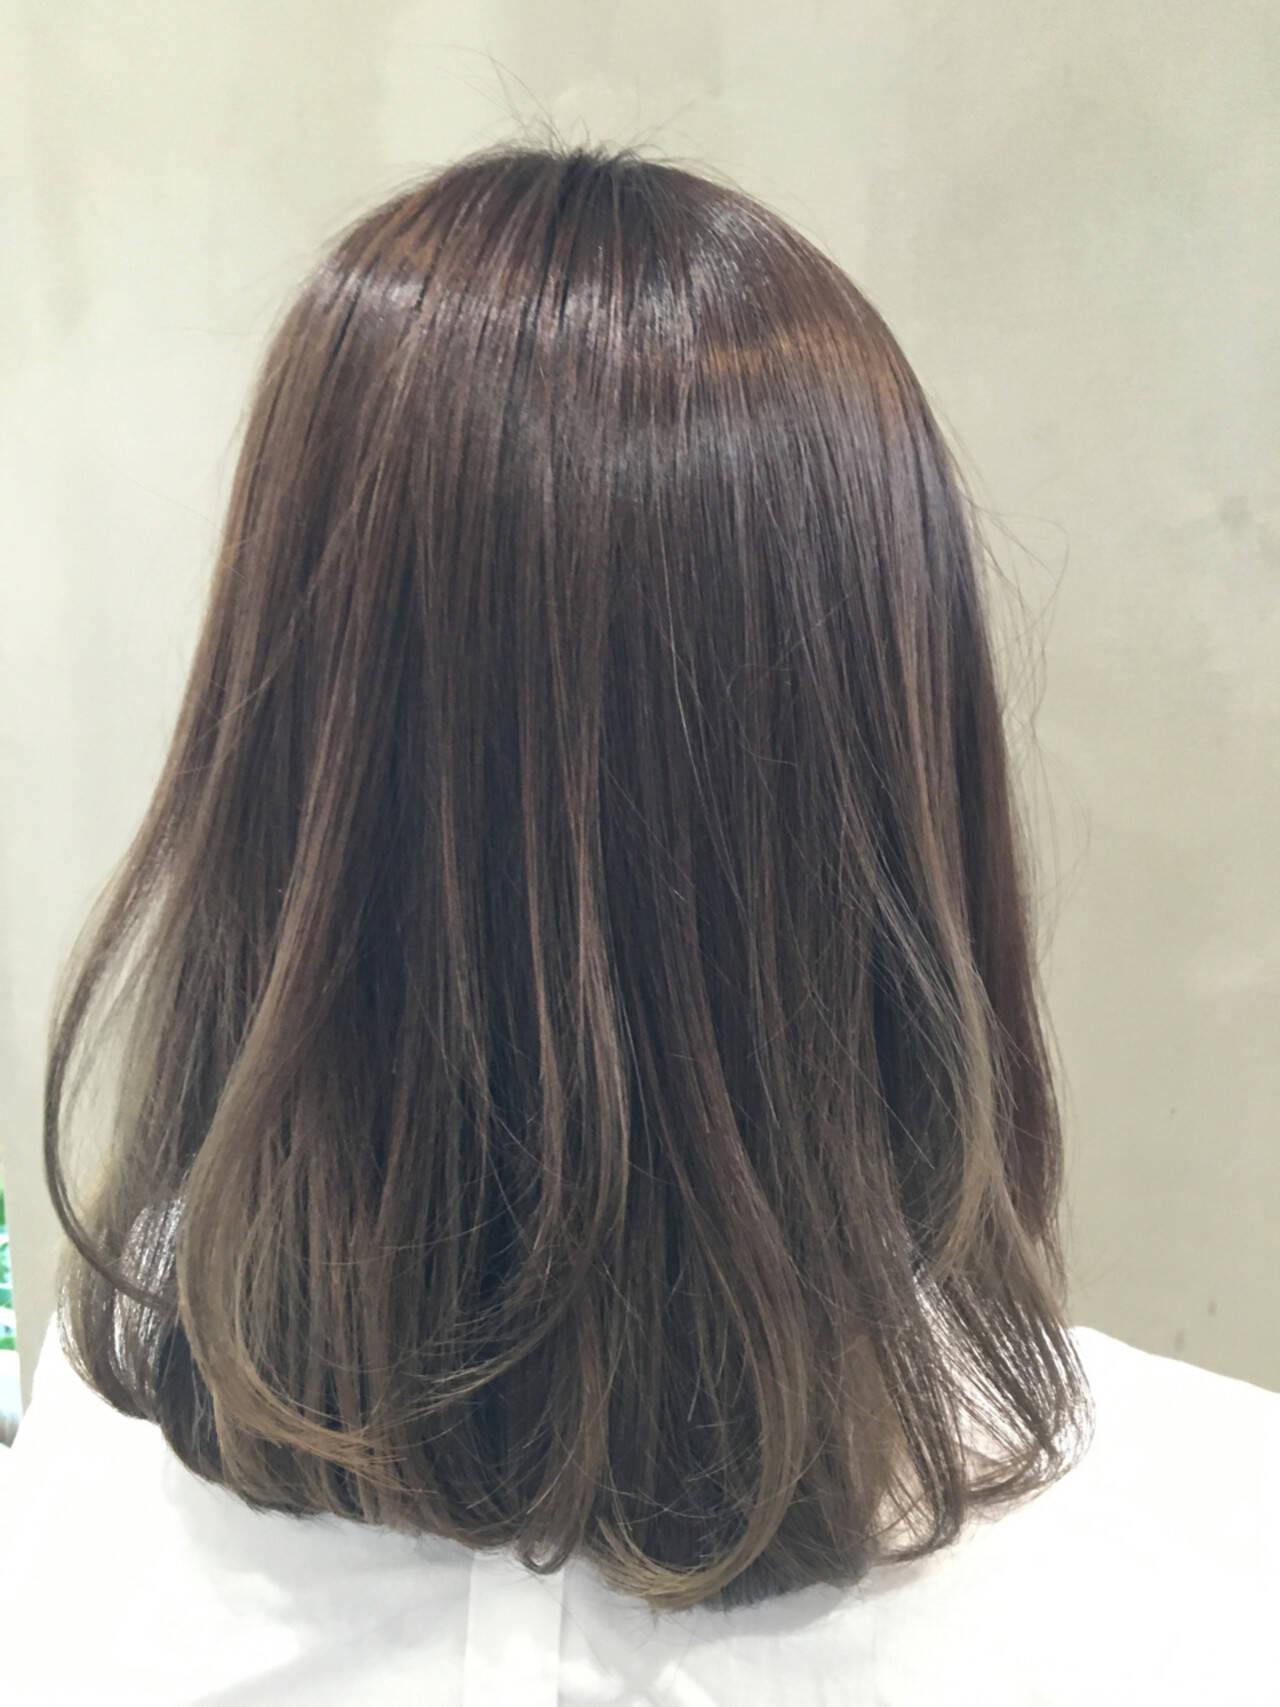 ブラウン 外国人風 グラデーションカラー ミディアムヘアスタイルや髪型の写真・画像